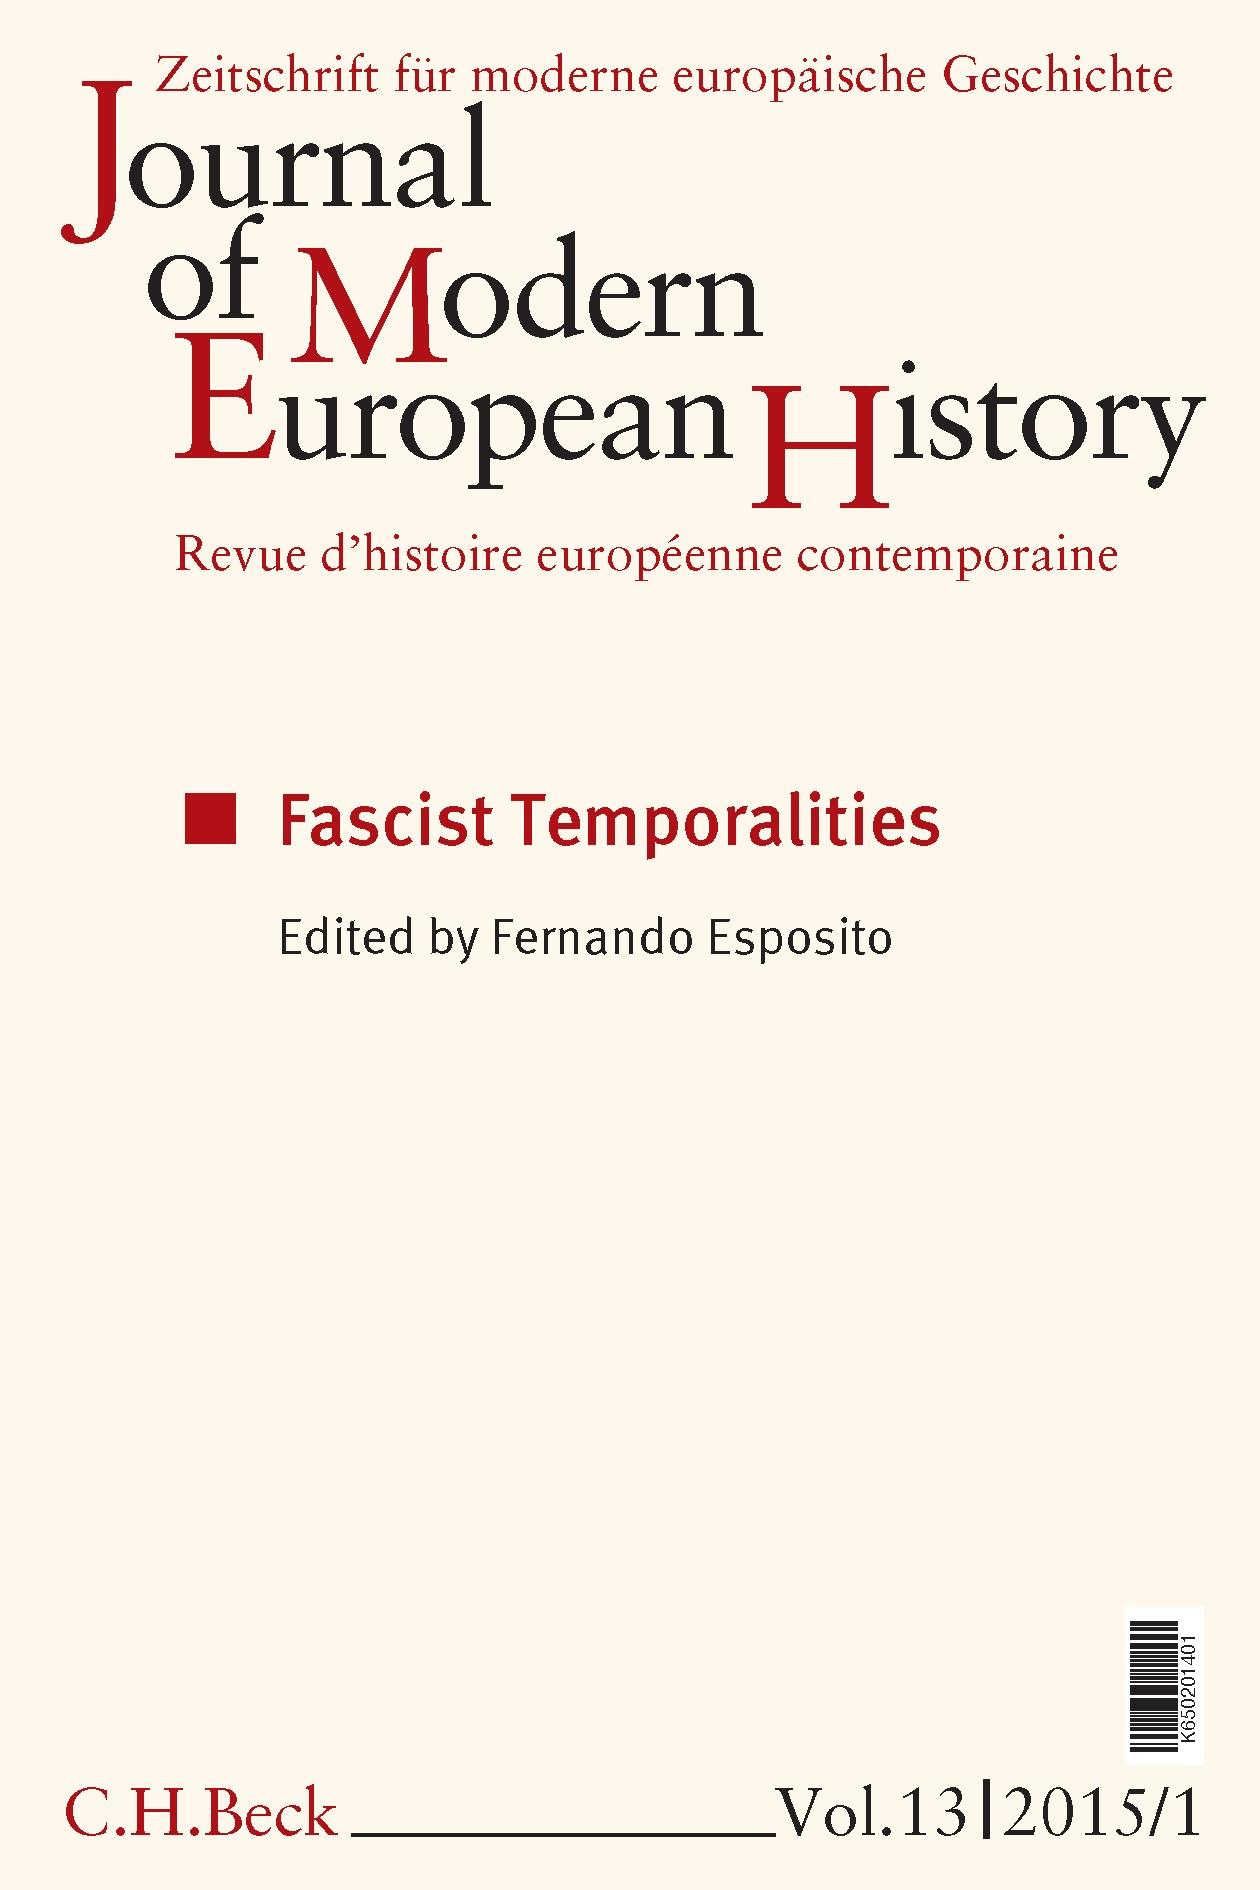 Cover des Buches 'Journal of Modern European History. Volume 13 (2015) Heft 1 = Zeitschrift für moderne europäische Geschichte = Revue d`histoire européenne contemporaine'